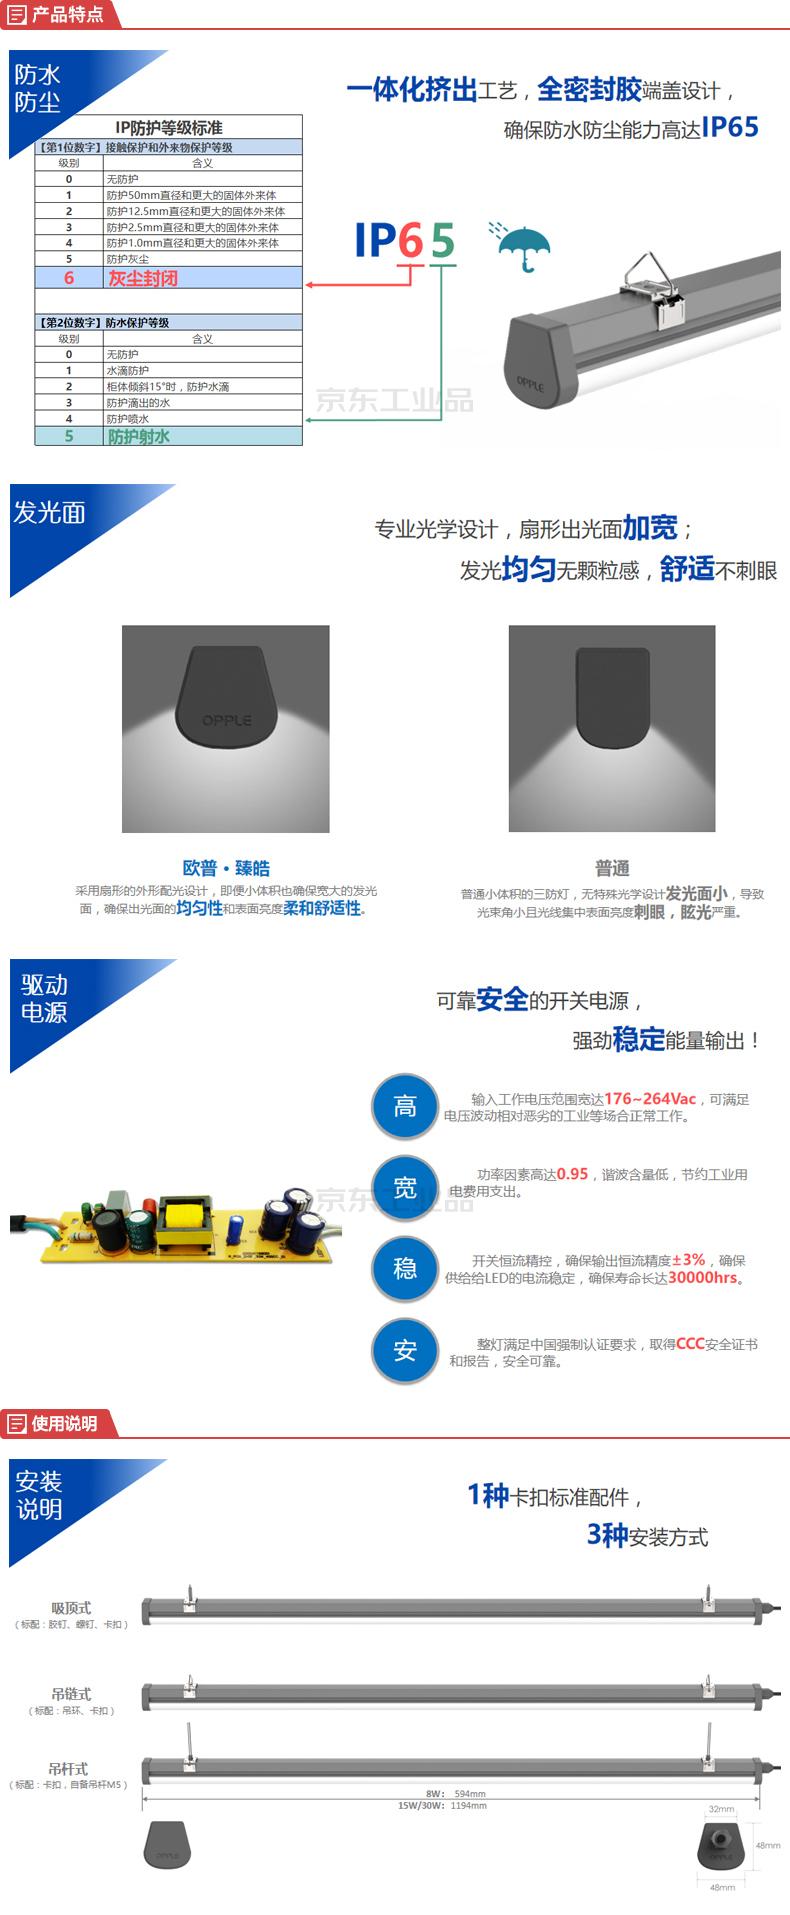 欧普(OPPLE) 三防支架灯-臻皓,功率30W,色温5700K,长度1200mm,产品尺寸48X48mm,PC双色共挤,AC220V;LZJ0212003002-三防支架-臻皓-30W-857